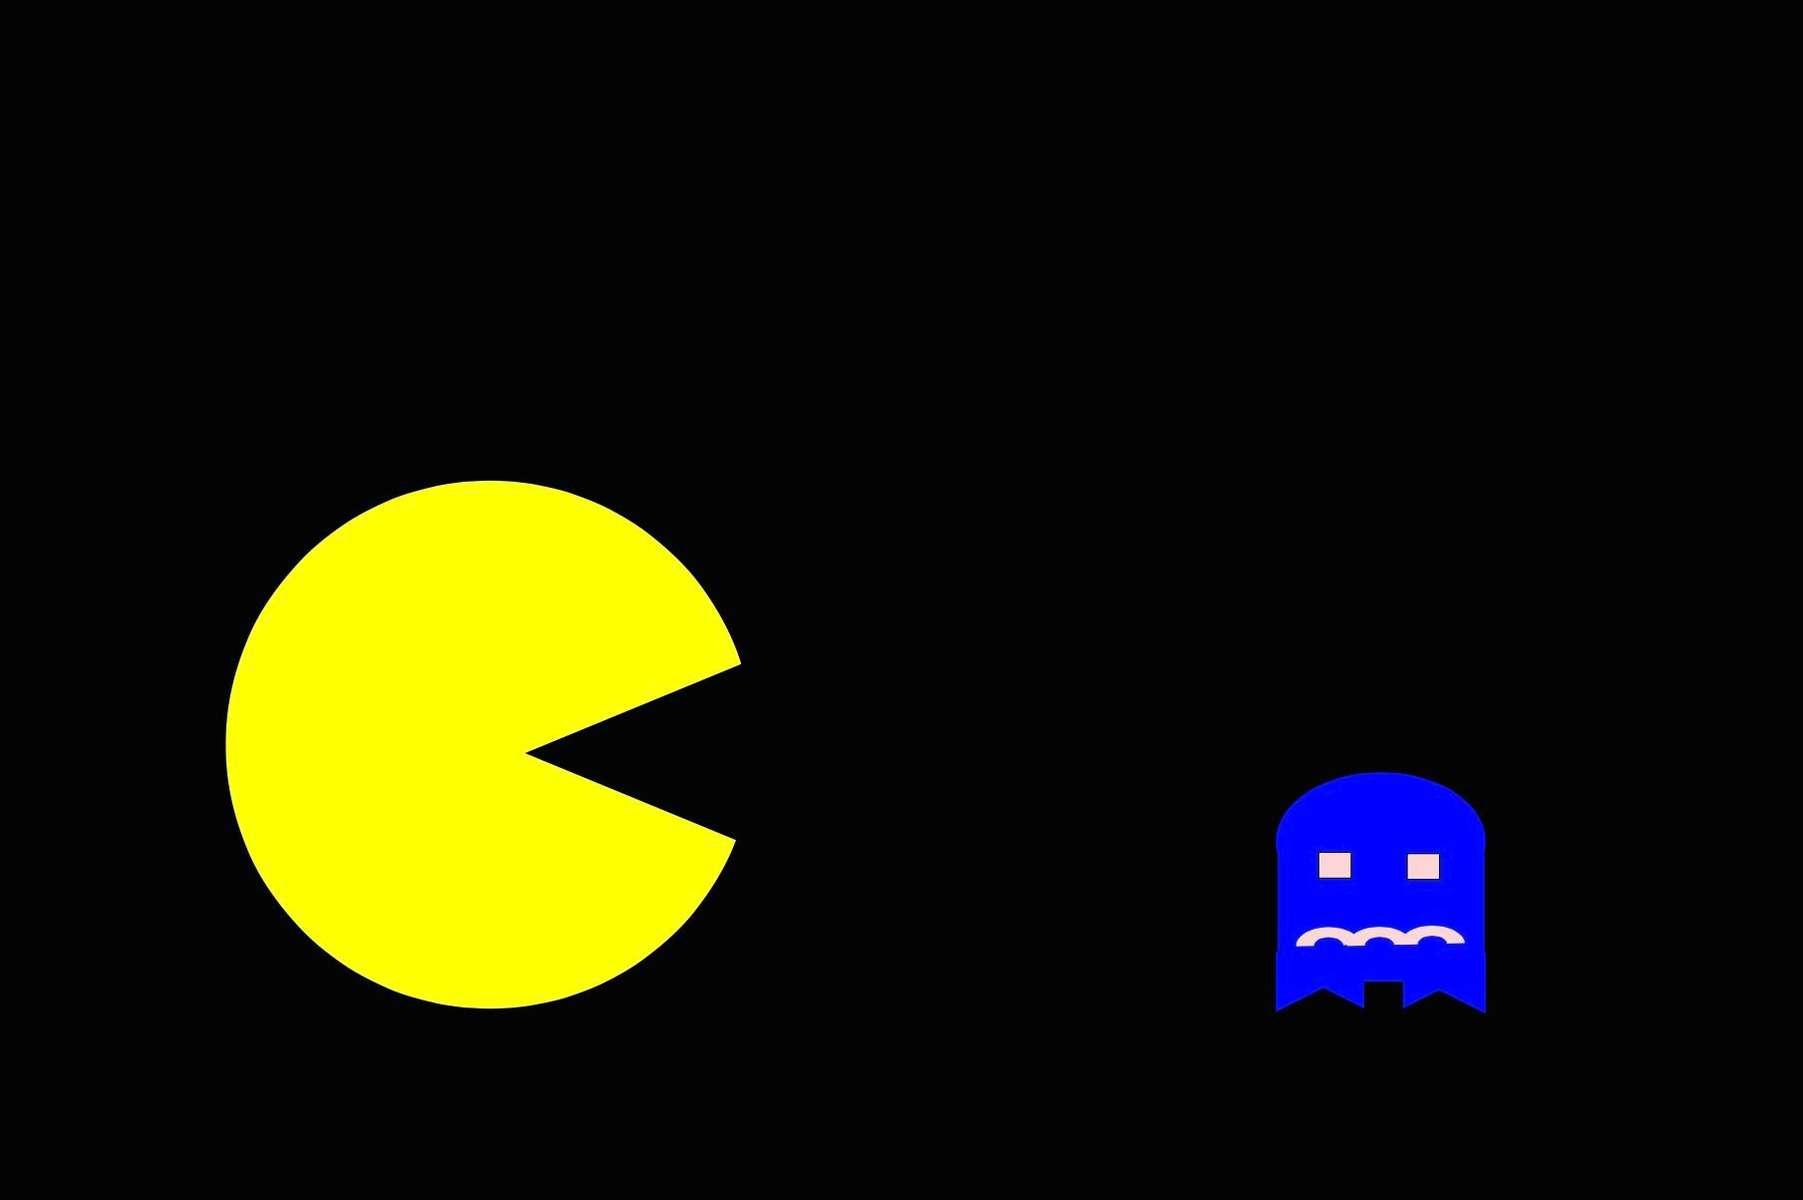 تجلب Google Pac-Man و Hello Kitty إلى غرفة معيشتك! 1